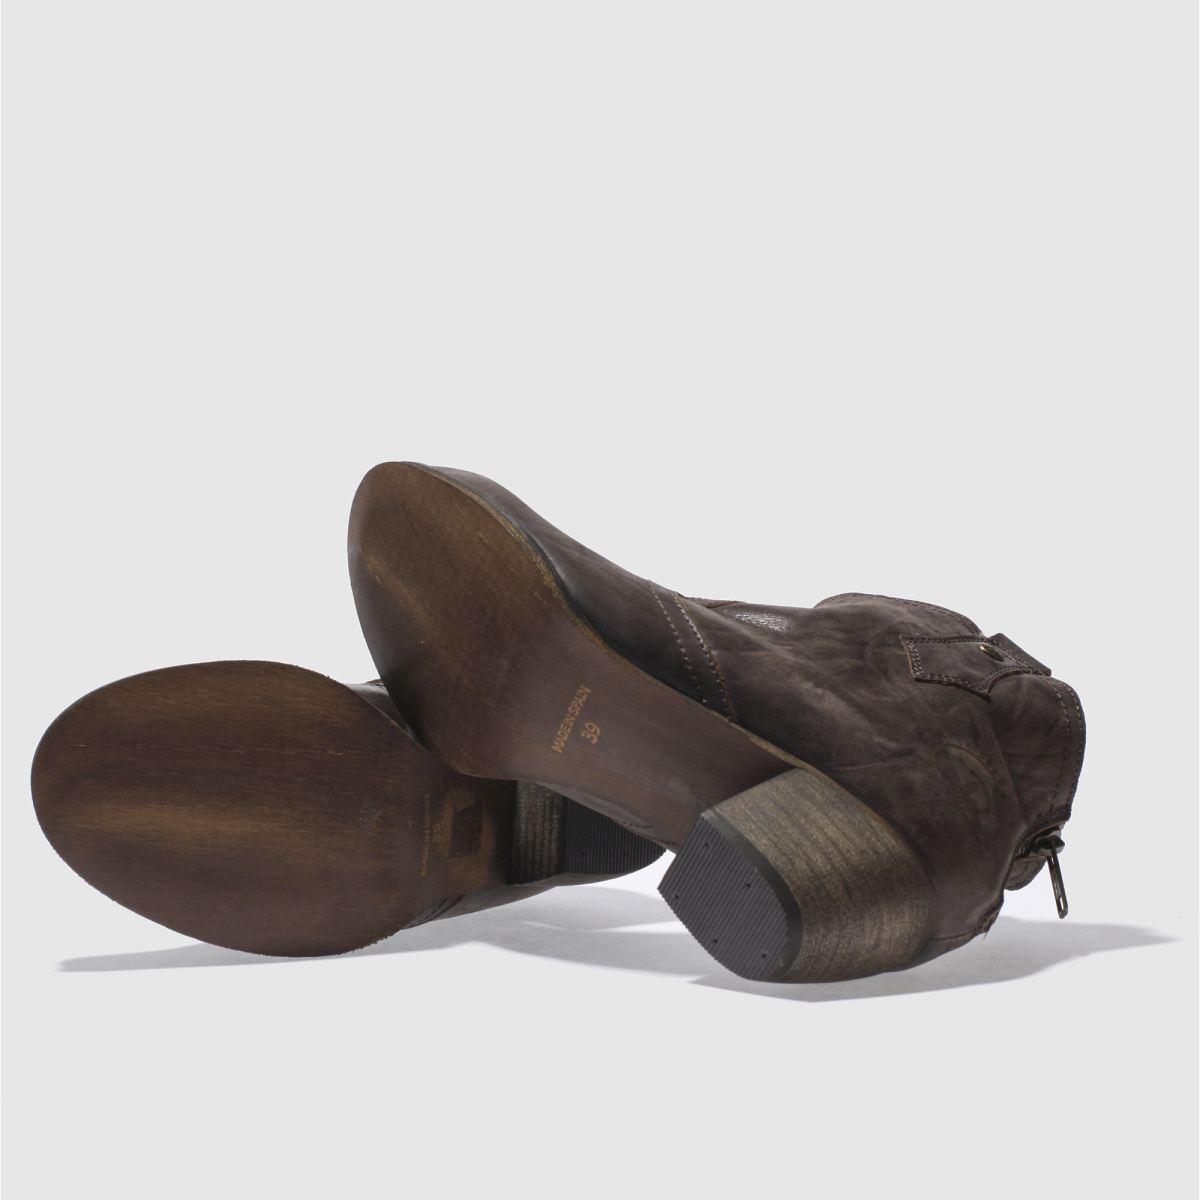 Damen Braun red or dead Mountain Gute Fleece Boots | schuh Gute Mountain Qualität beliebte Schuhe 99ff47